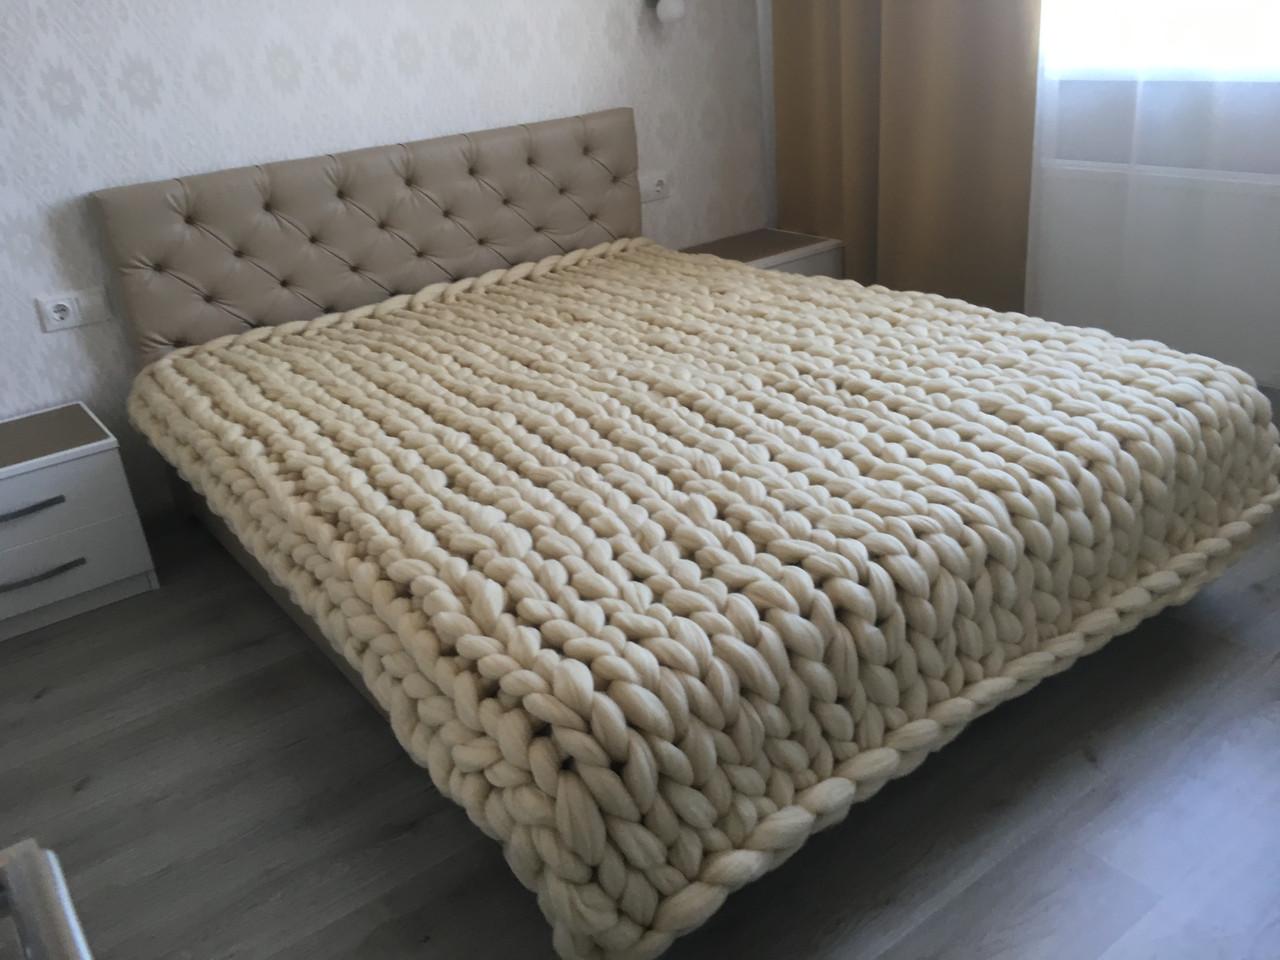 пледик крупной вязки в коляску кроватку 100 шерсть мериноса